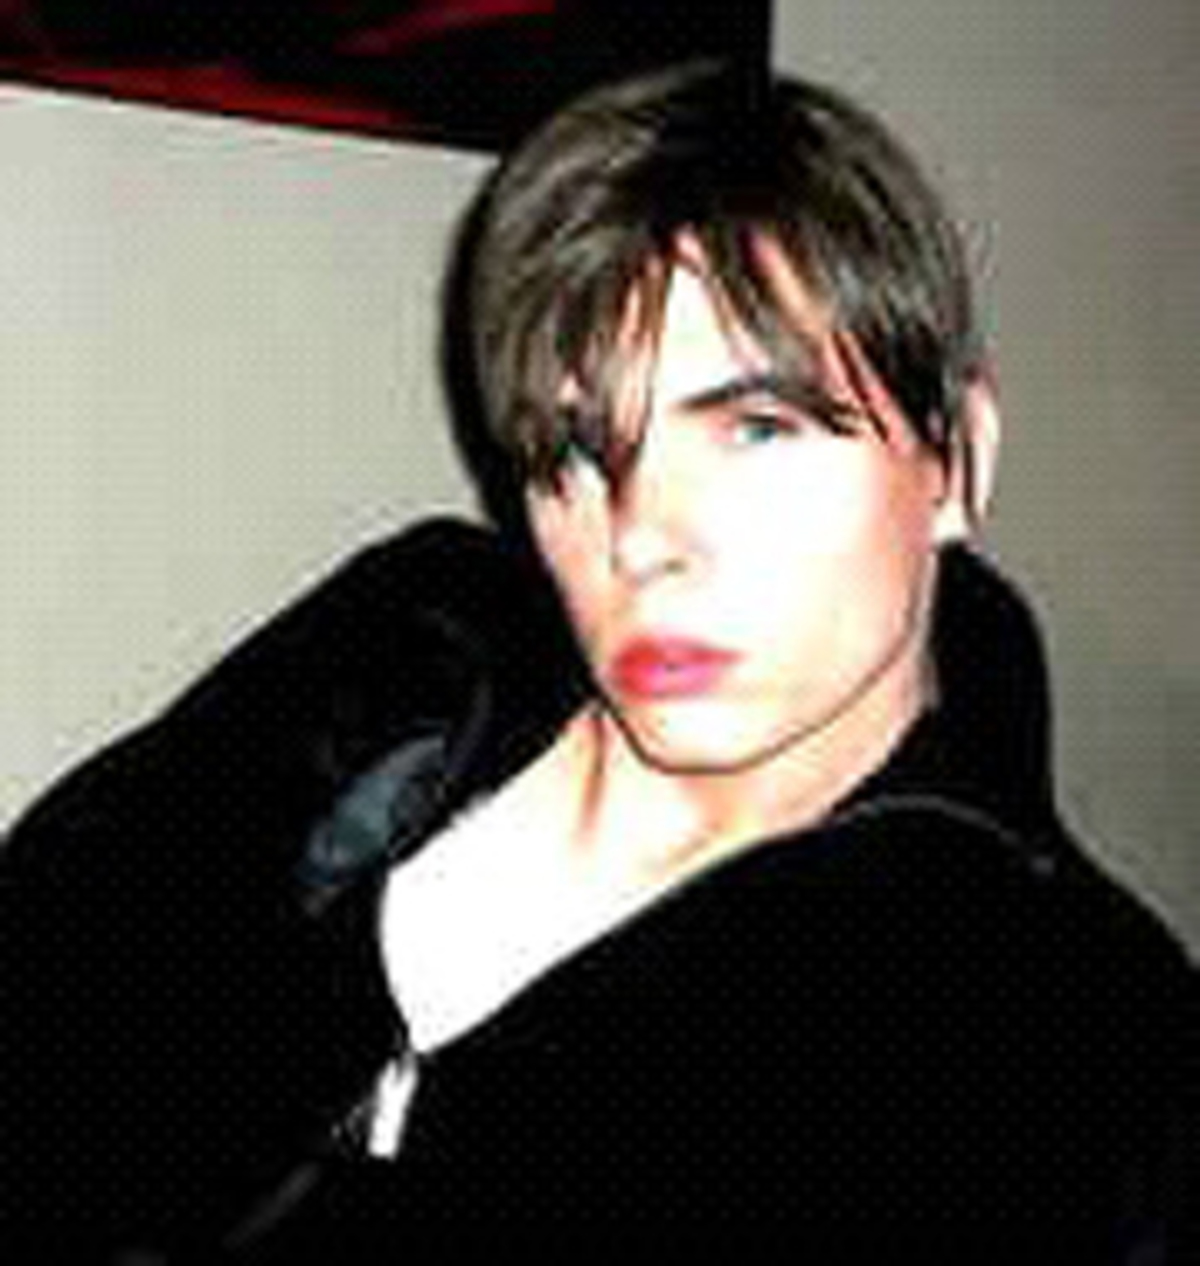 «Ταραγμένος» και «βρώμικος» ο πορνοστάρ-δολοφόνος – Δείτε το video της σύλληψης του | Newsit.gr